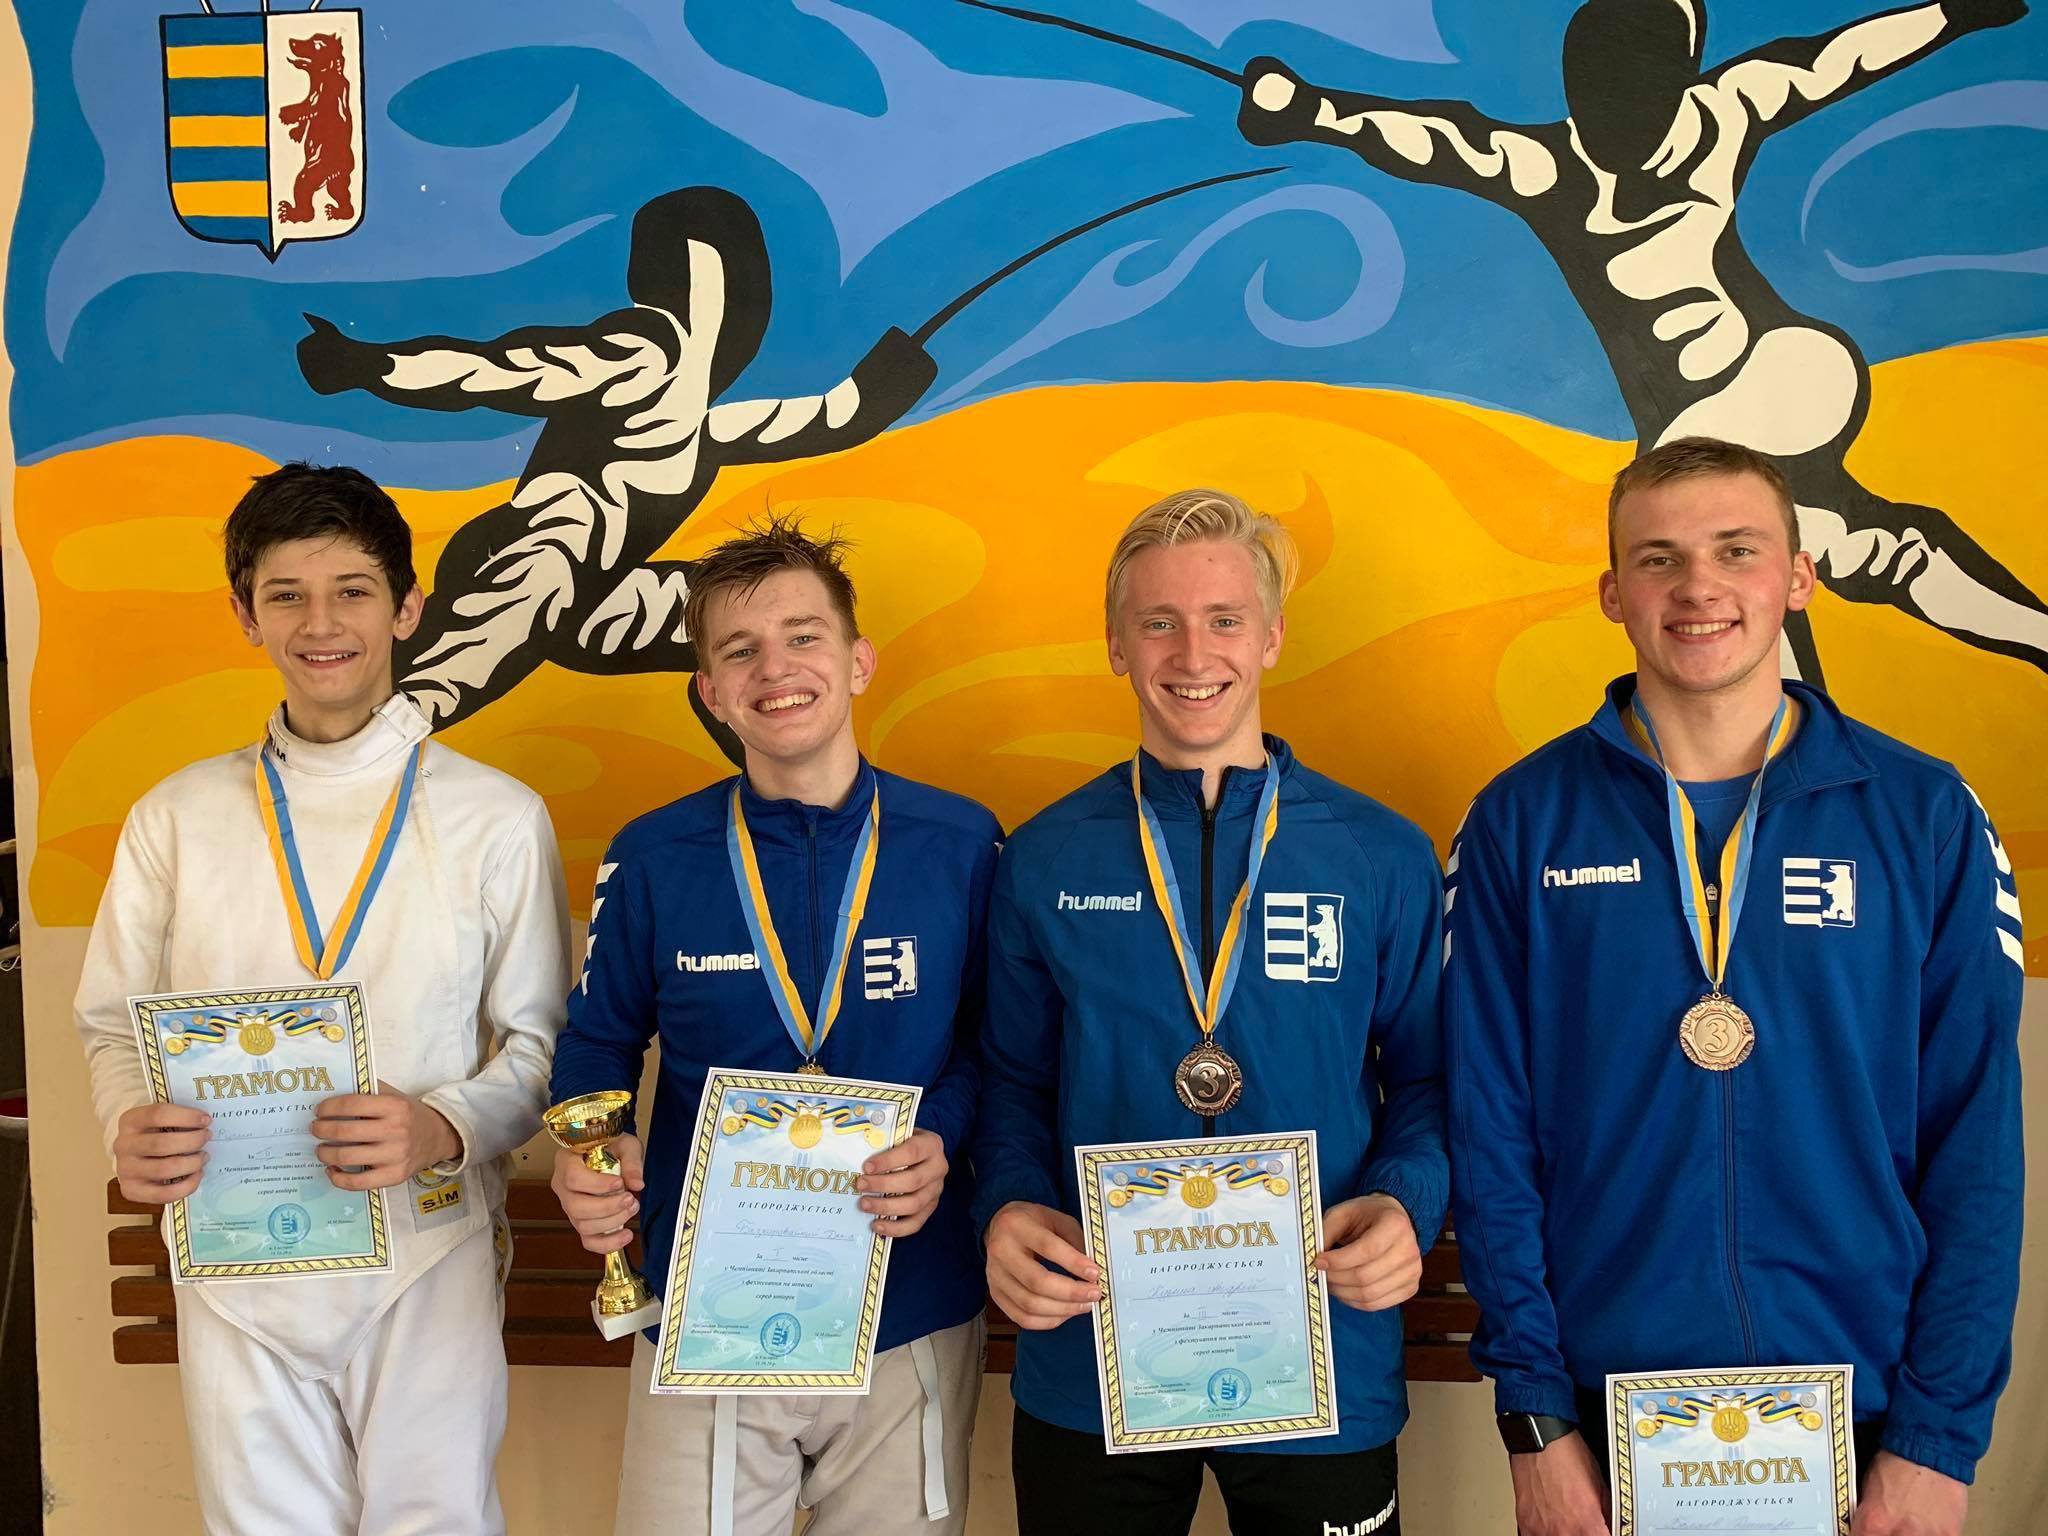 Чемпіонат Закарпатської області з фехтування відбувся в Ужгороді